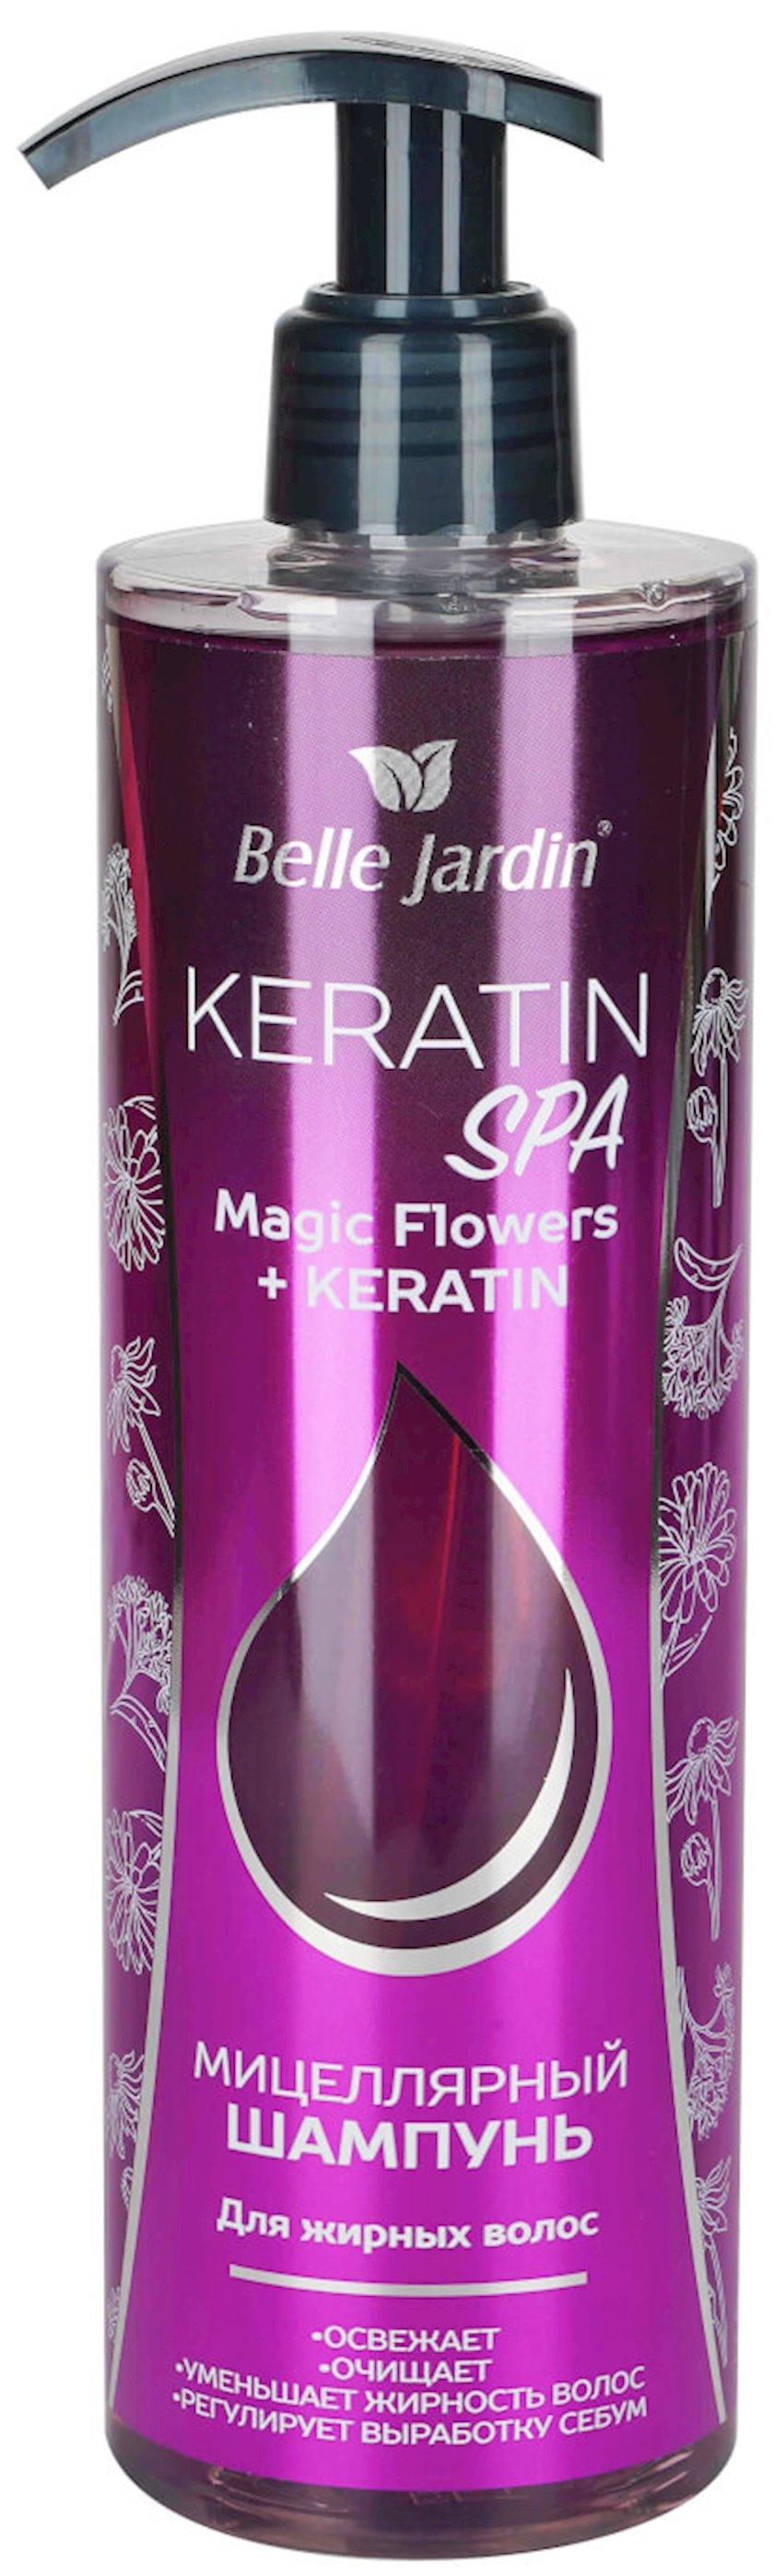 Şampun Belle Jardin Keratin SPA Magic Flowers, 400 ml